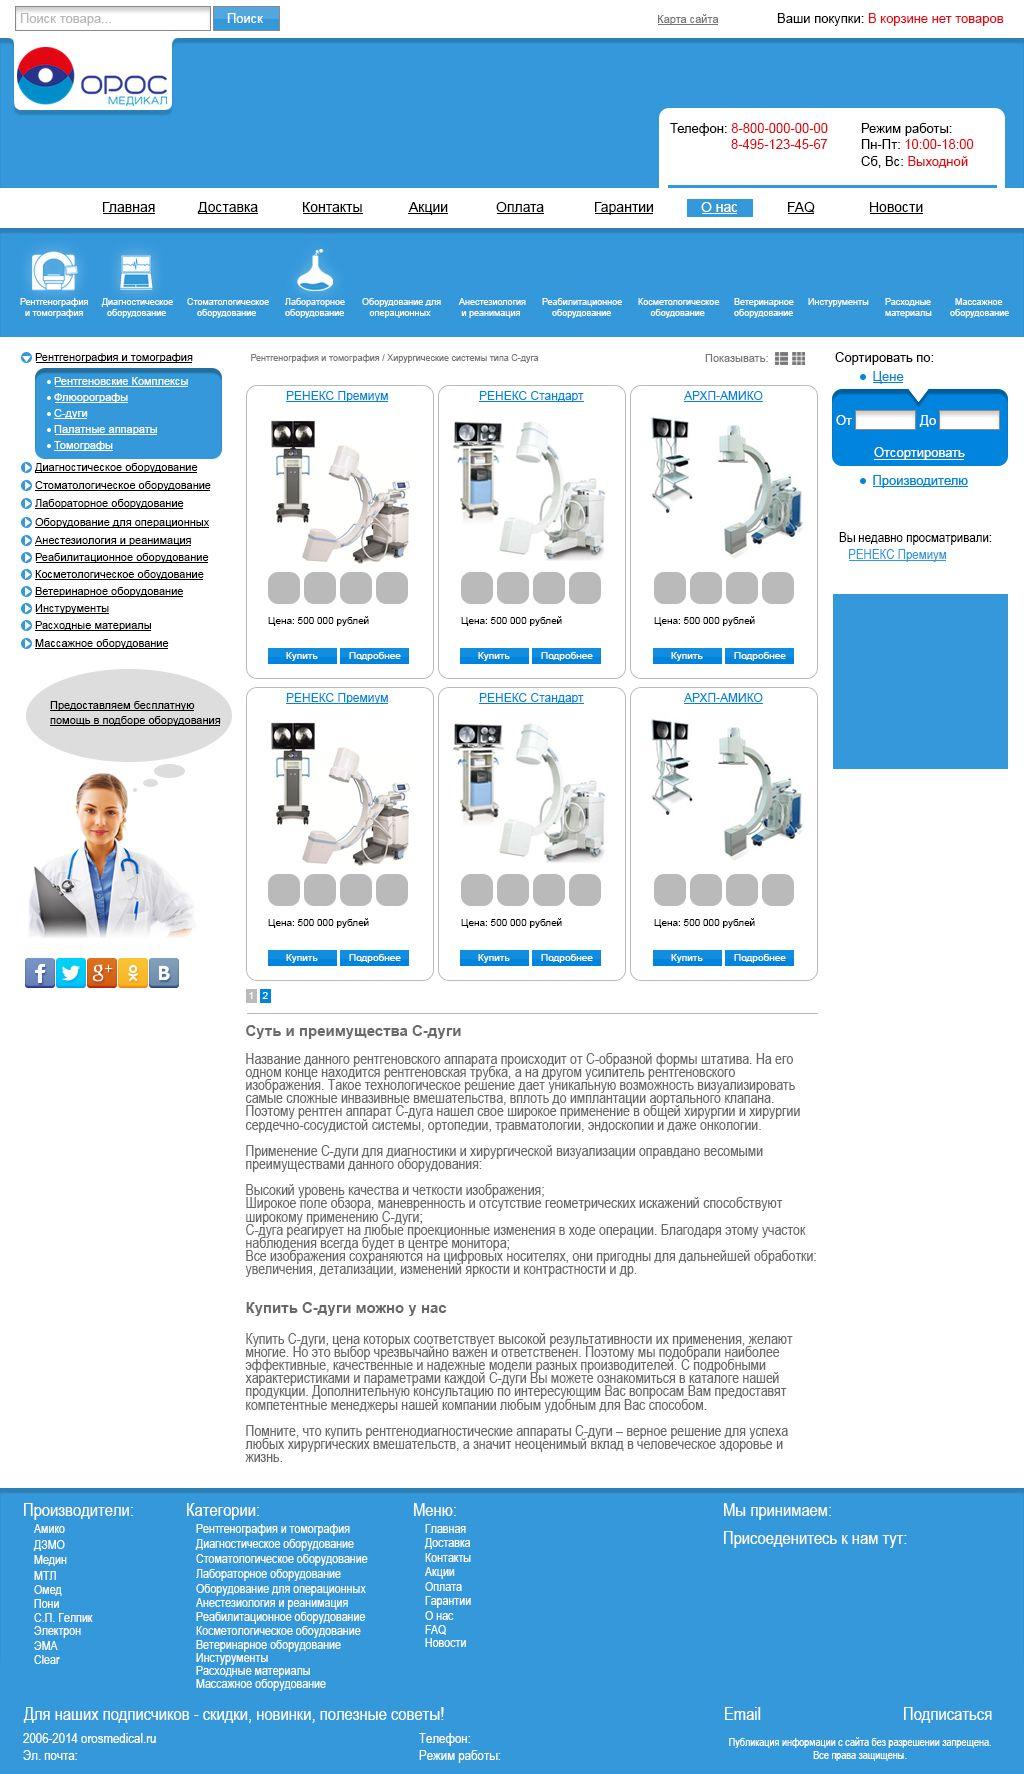 Редизайн сайта мед. оборудования - дизайнер Solten